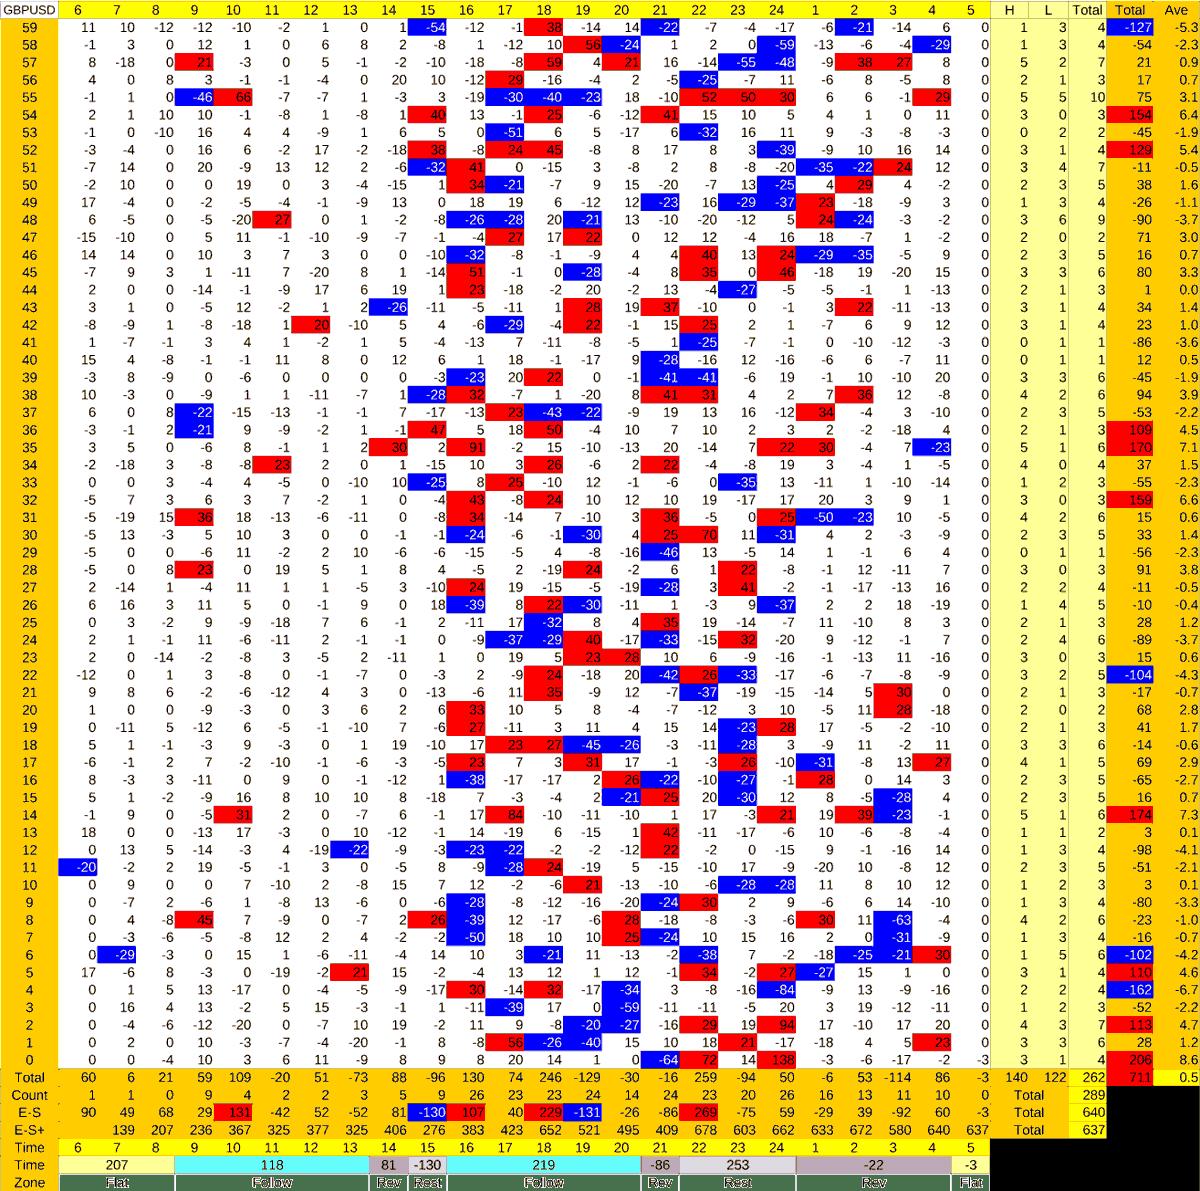 20210326_HS(2)GBPUSD-min